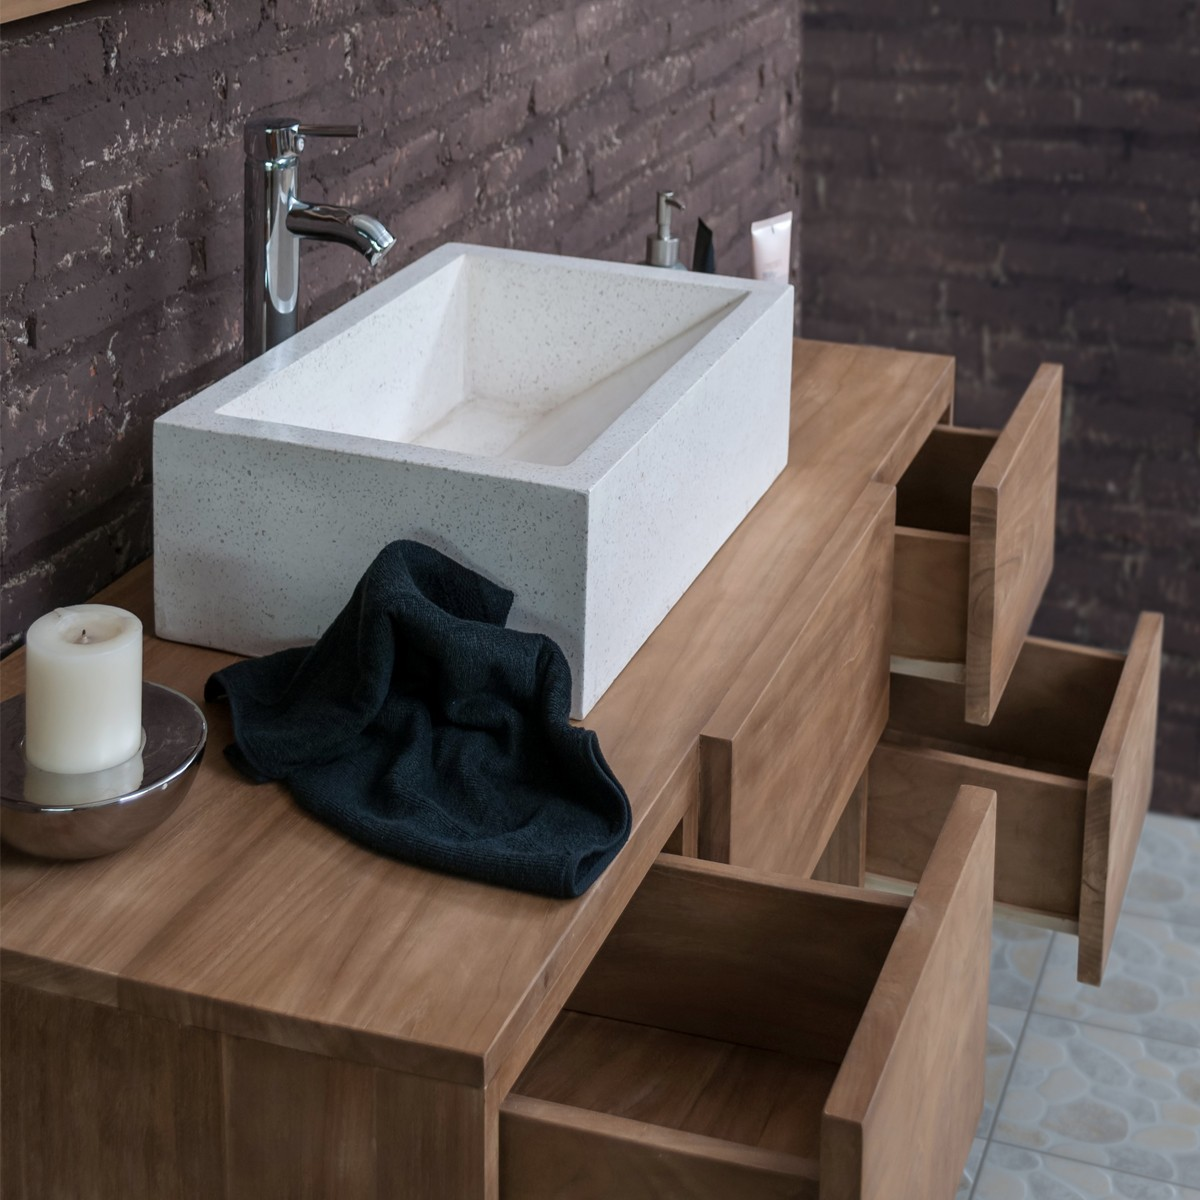 Ensemble De Salle De Bain En Bois De Teck Vasque Miroir - Meuble salle de bain teck suspendu